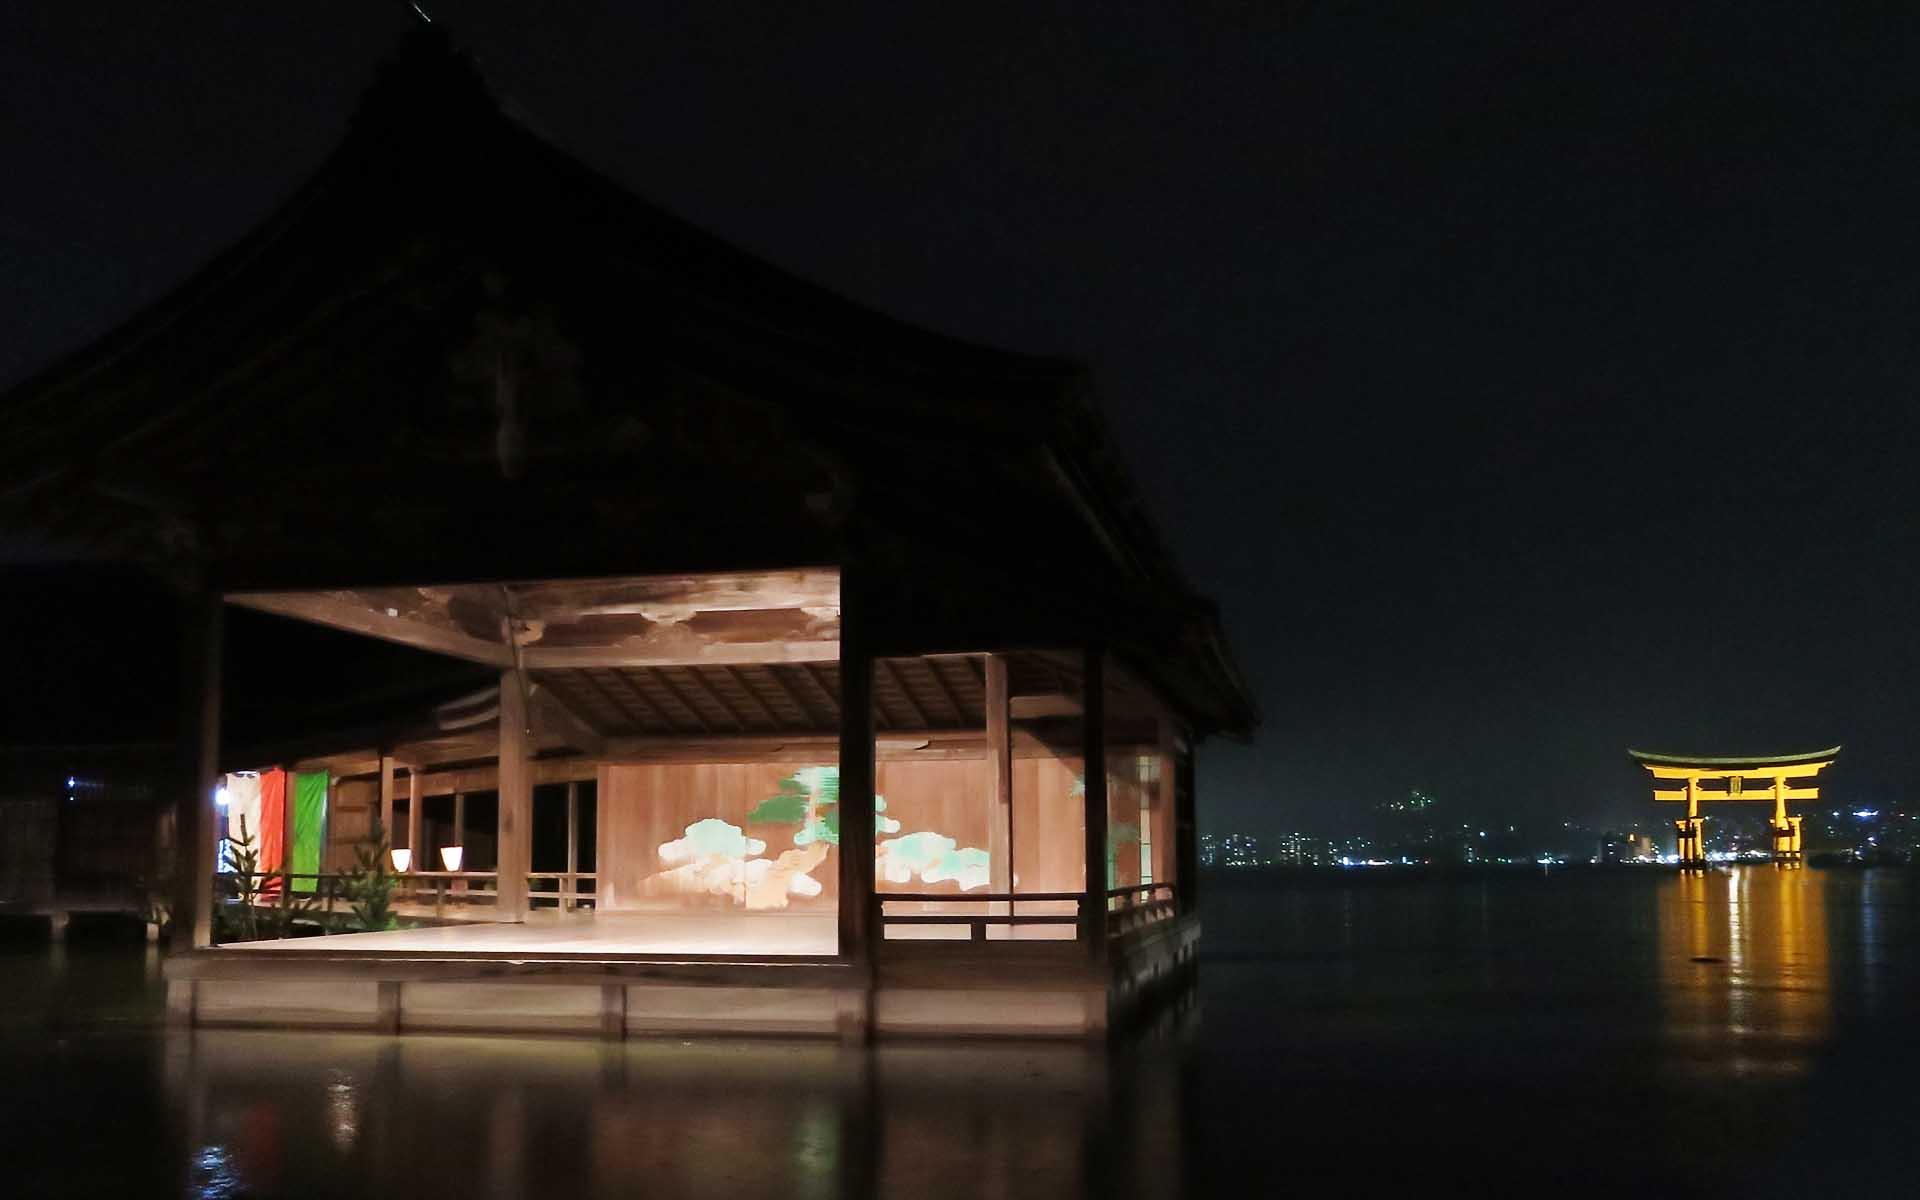 海に浮かぶ世界遺産、広島の嚴島神社で観る「観月能」